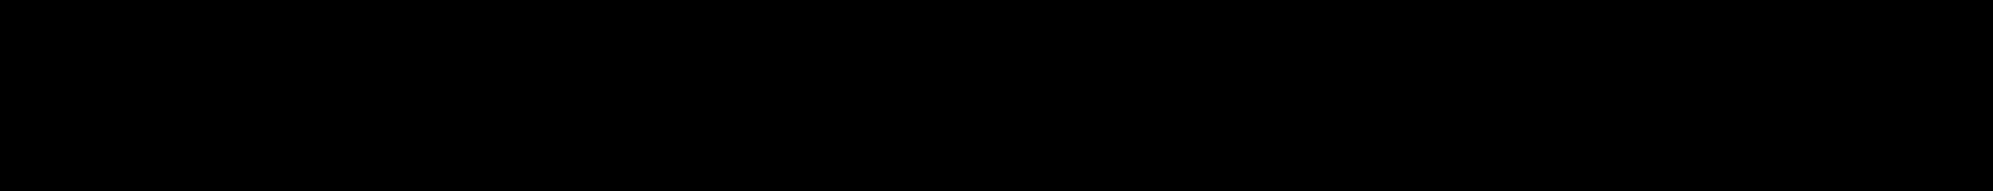 Design System G 500I